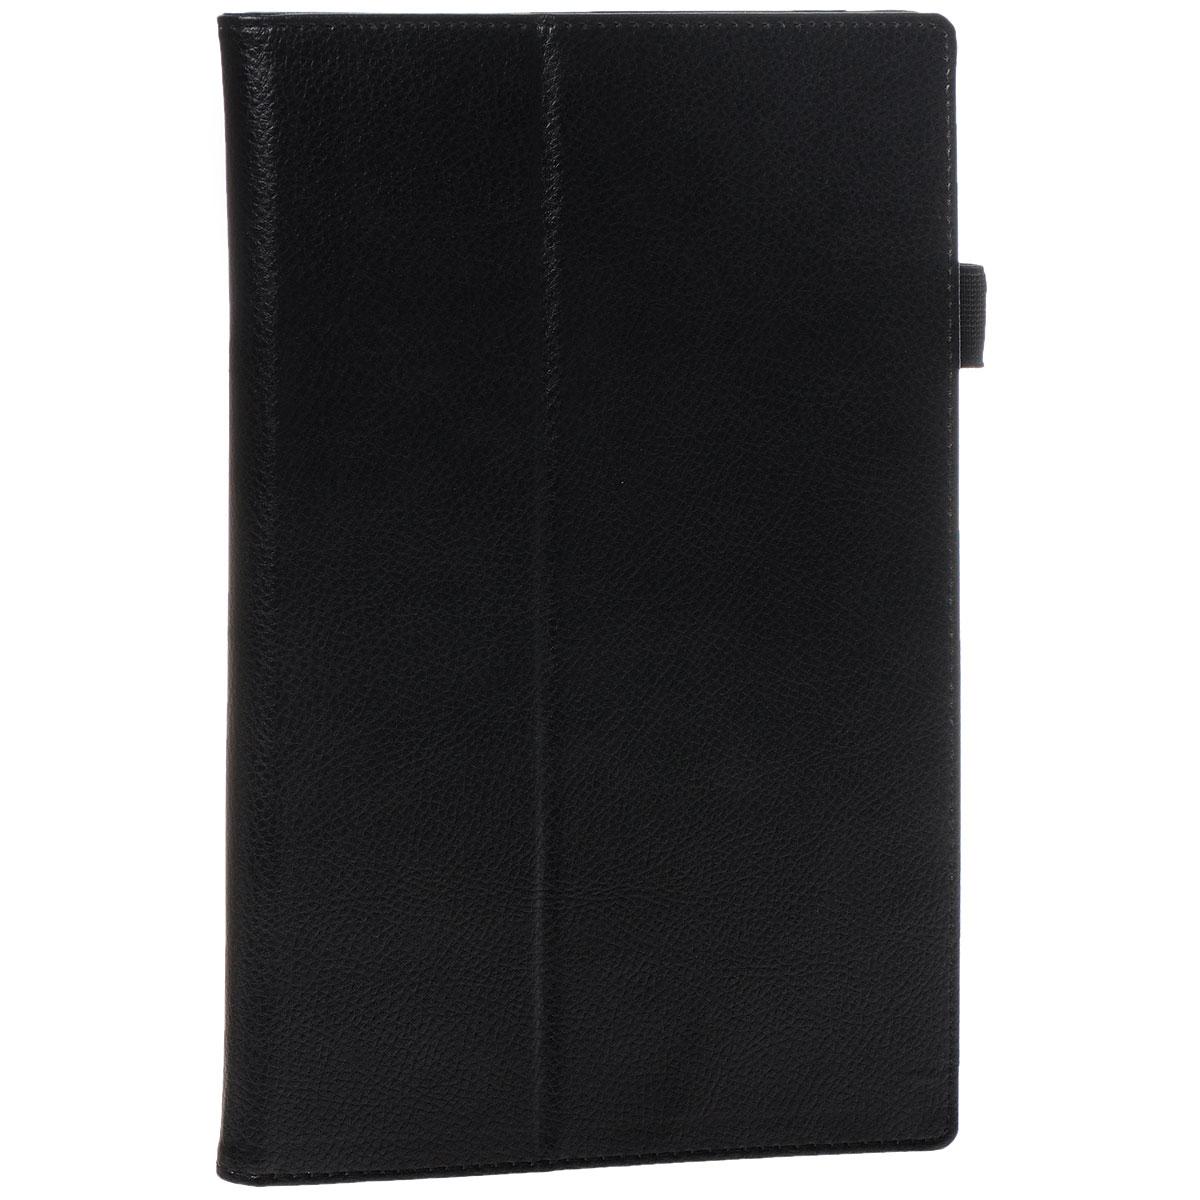 IT Baggage чехол для Nokia Lumia 2520, BlackITN25202-1IT Baggage чехол для Nokia Lumia 2520 - это стильный и лаконичный чехол, позволяющий сохранить планшет в идеальном состоянии. Надежно удерживая технику, чехол защищает корпус и дисплей от появления царапин, налипания пыли. Его также можно использовать как подставку для чтения или просмотра фильмов.